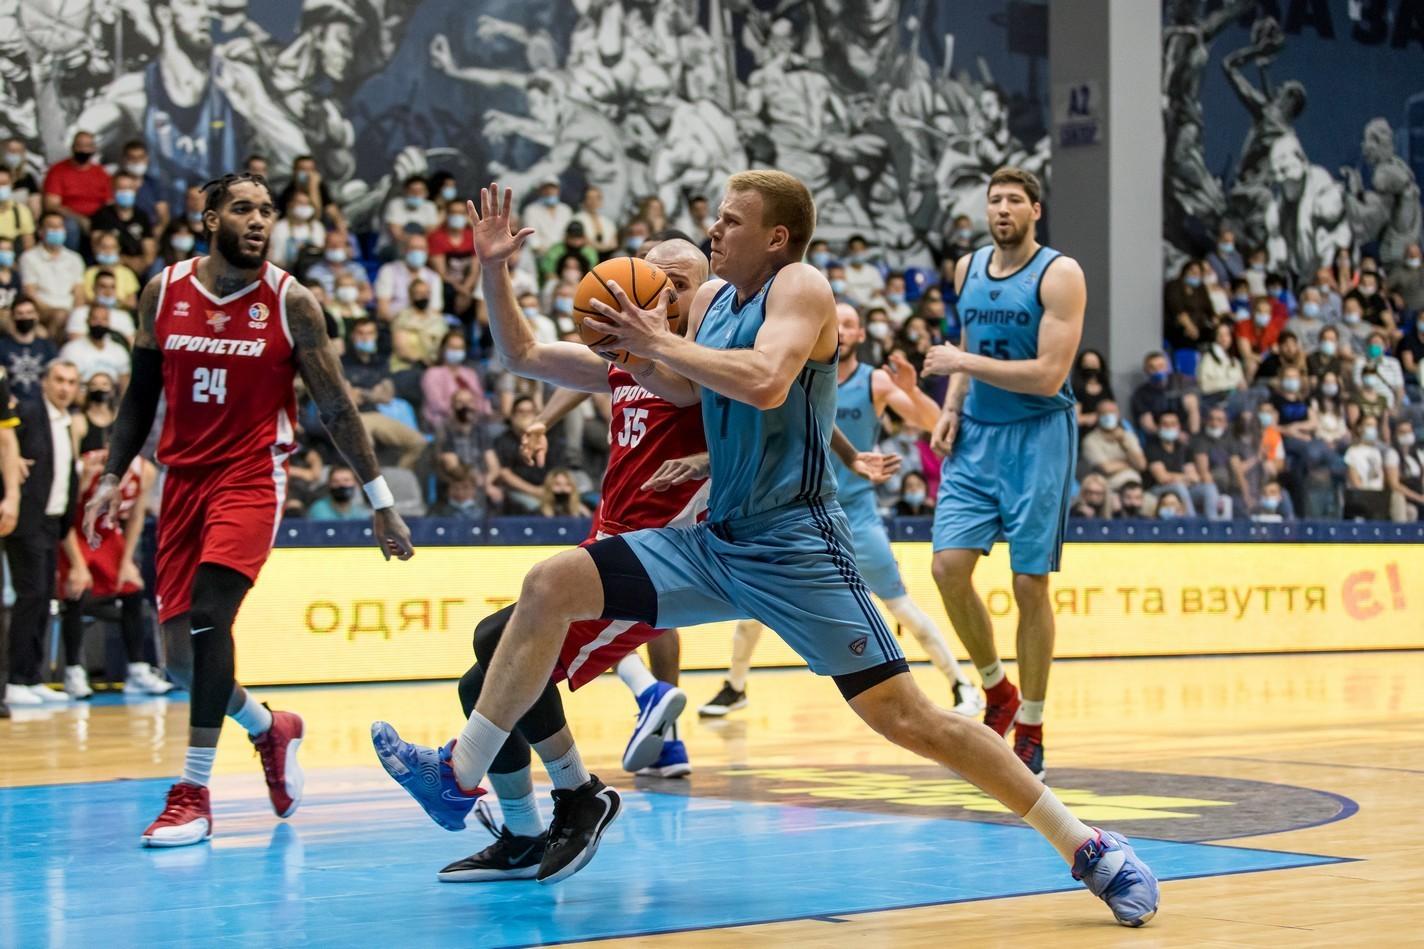 Дніпро - Прометей: відео матчу 30 травня